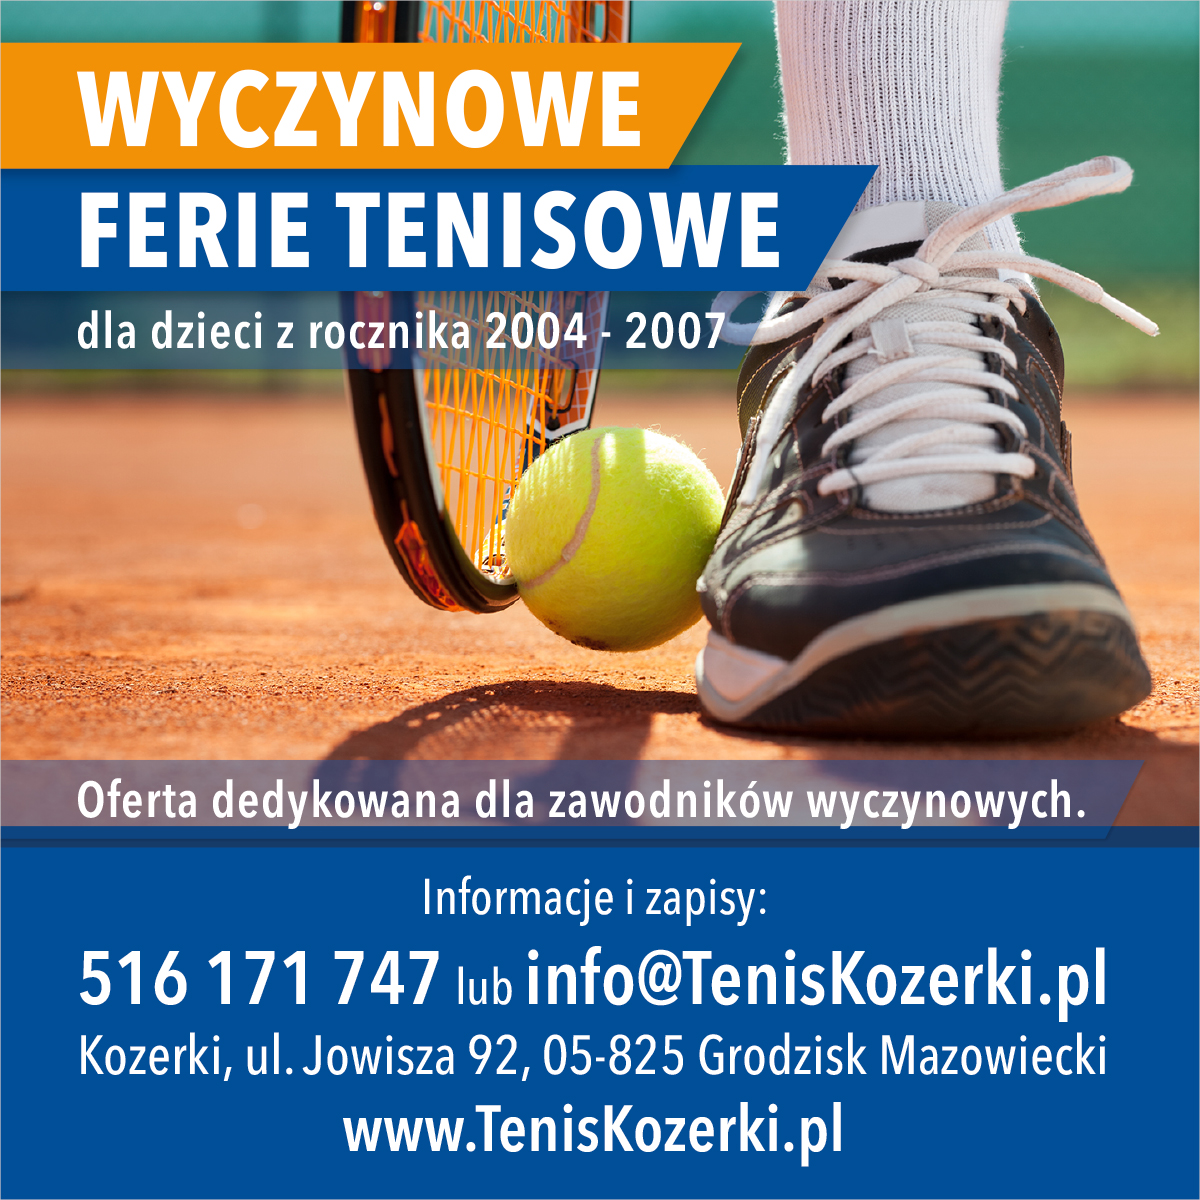 Wyczynowe Ferie Tenisowe w Tenis Kozerki